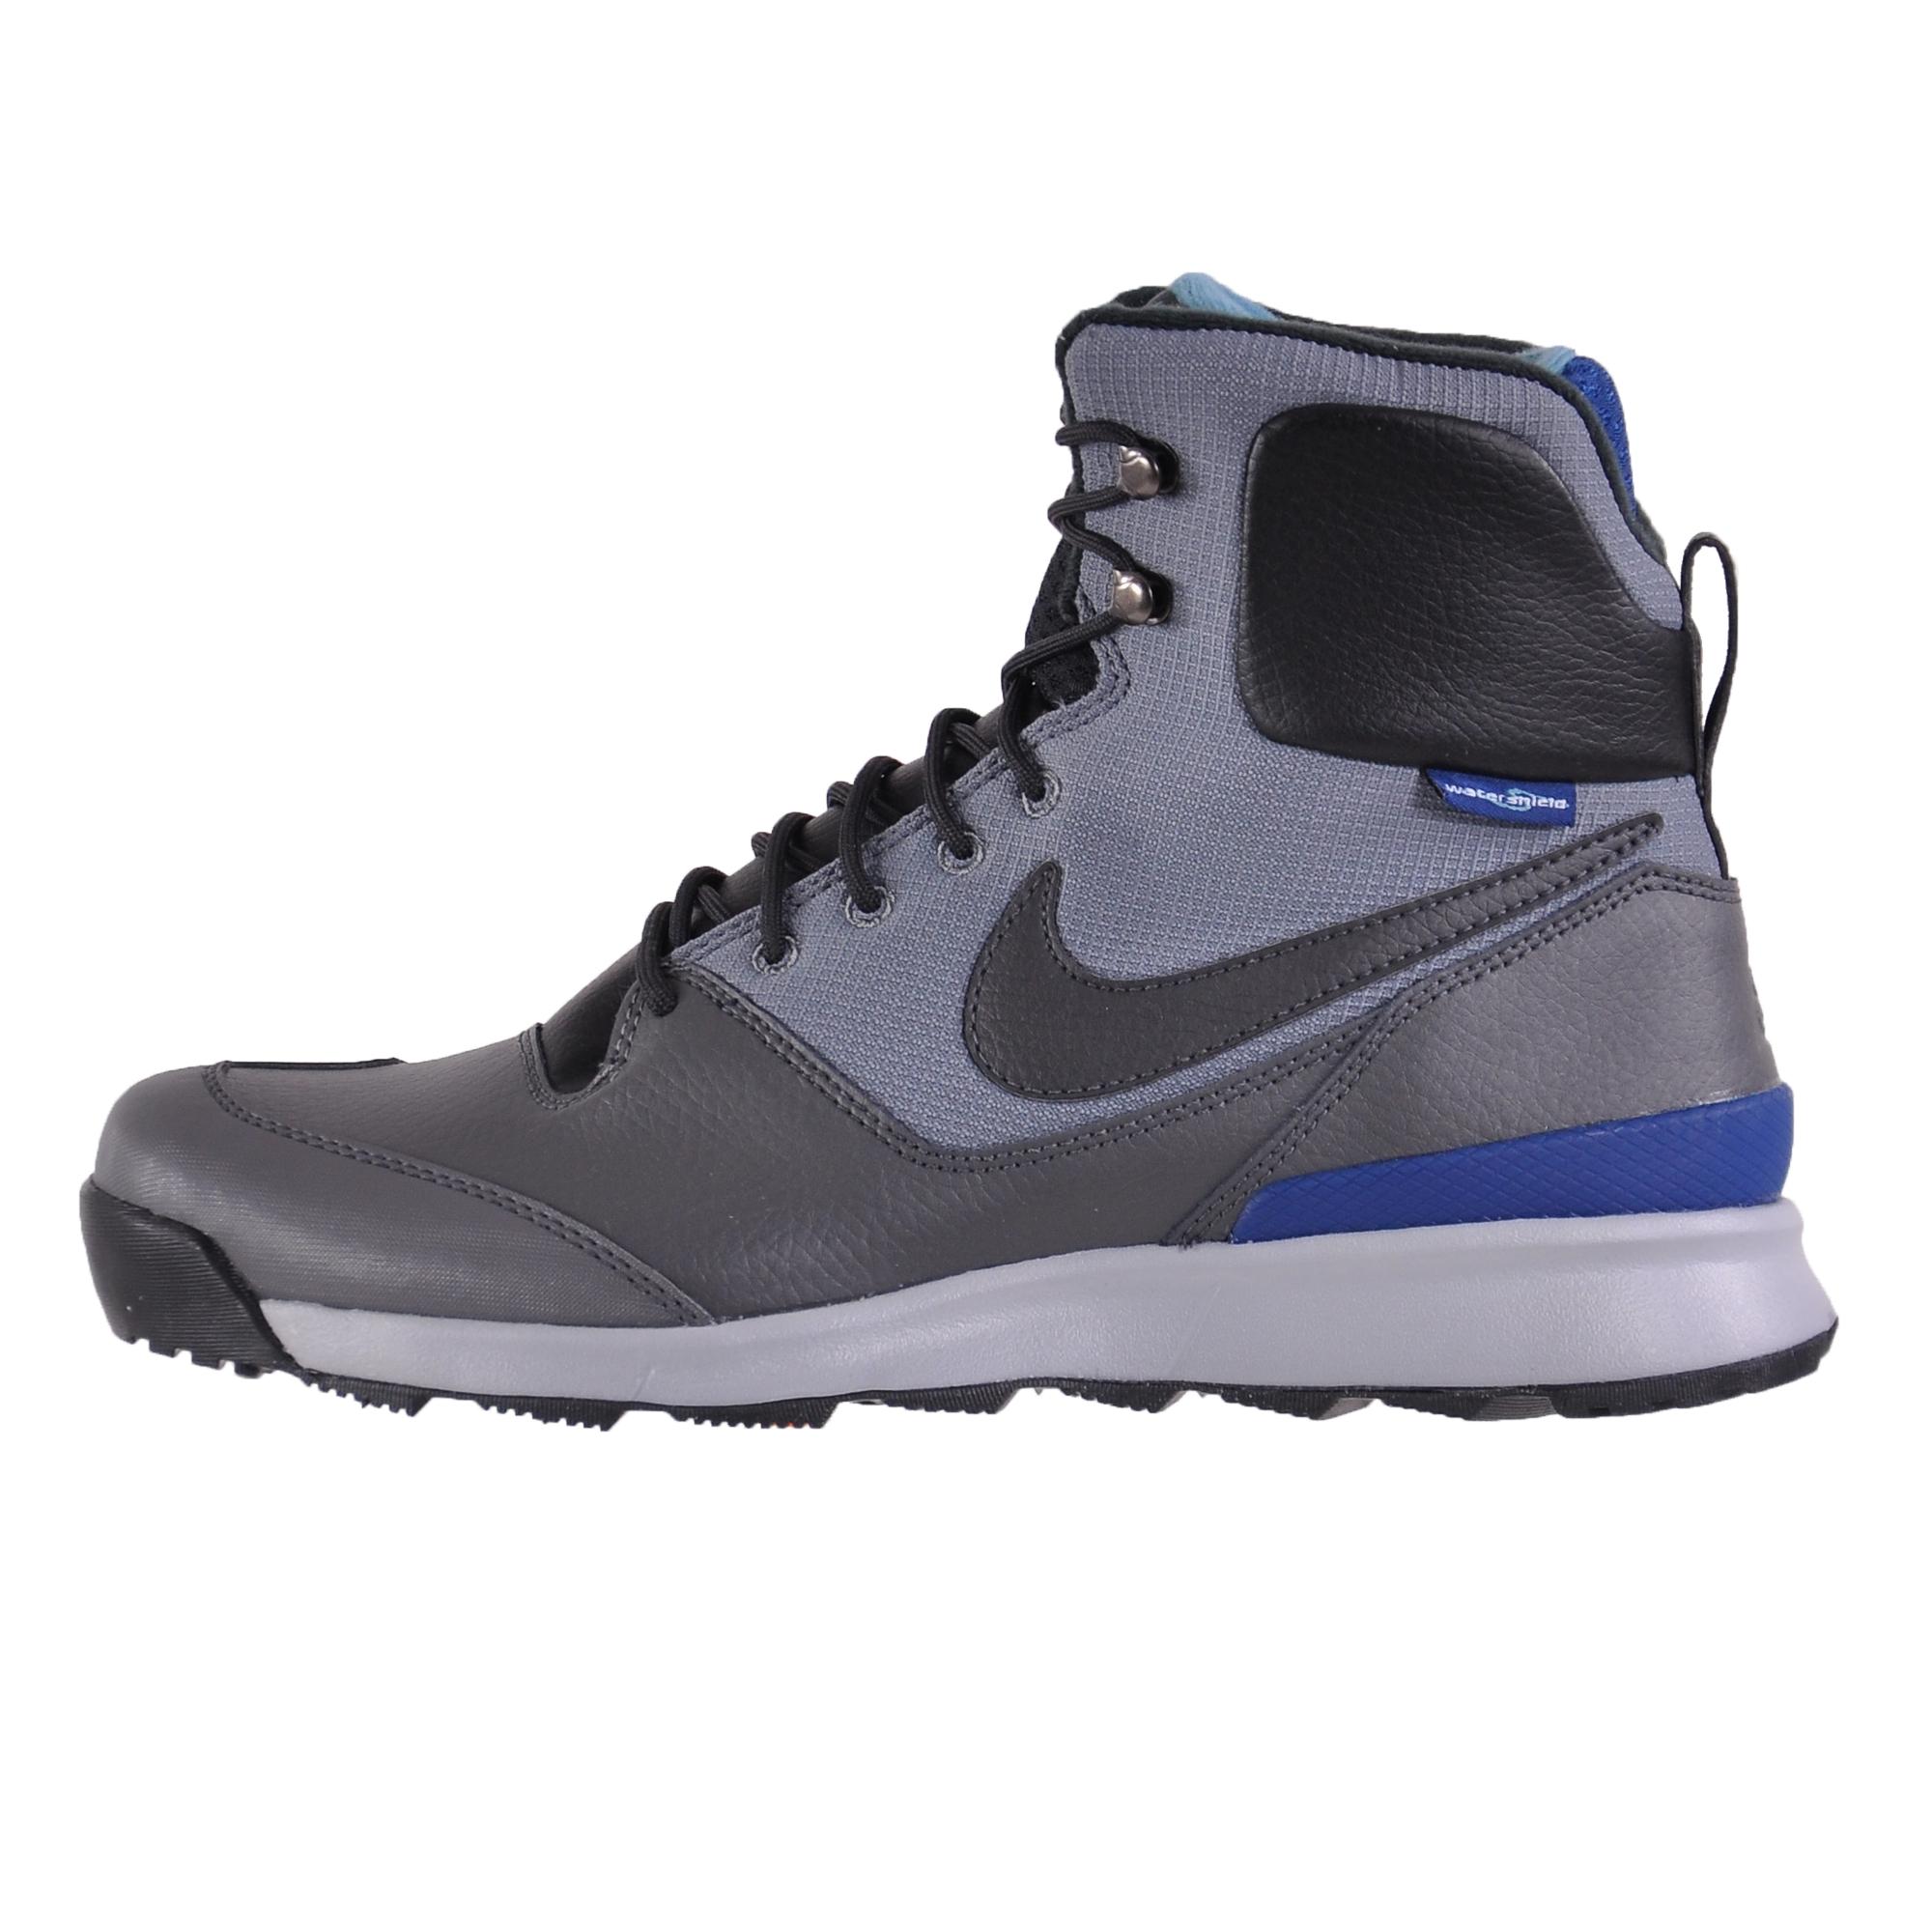 Nike Stasis Acg Erkek Spor Ayakkabı  616192-040 - Barcin.com 80d4848dfe